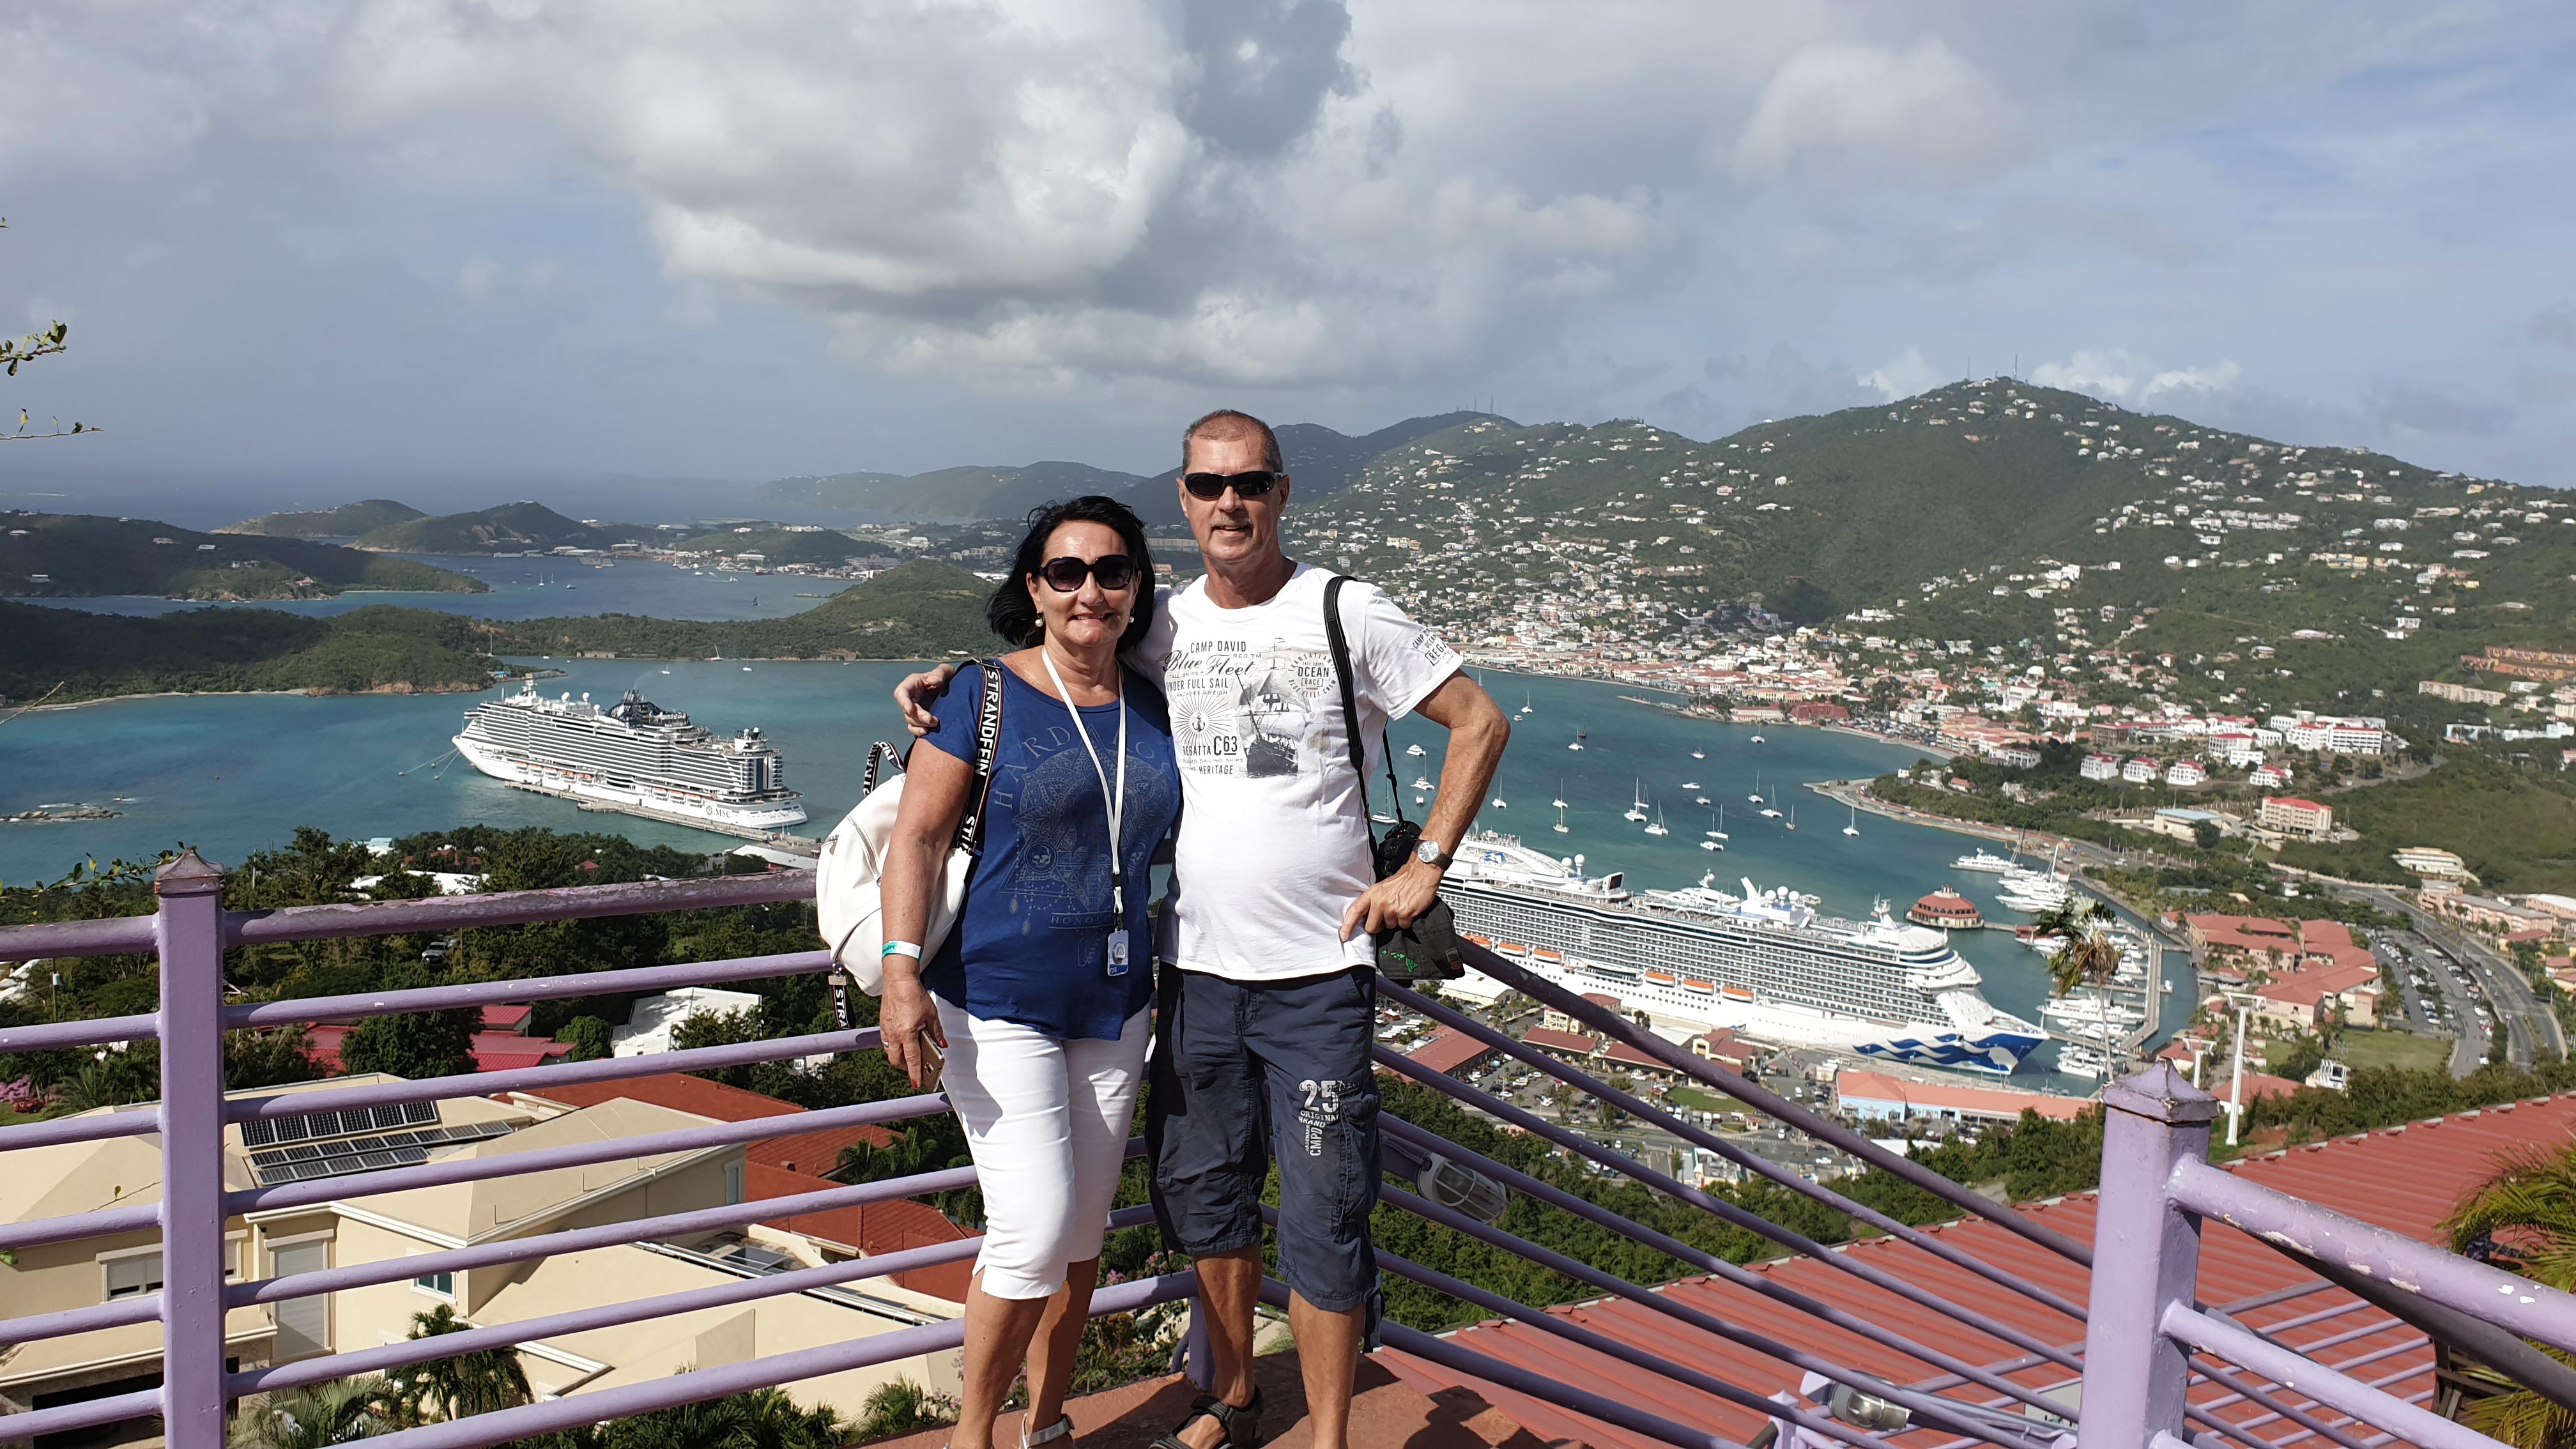 Mit der Sky-Princess in die Karibik - Erfahrungsbericht